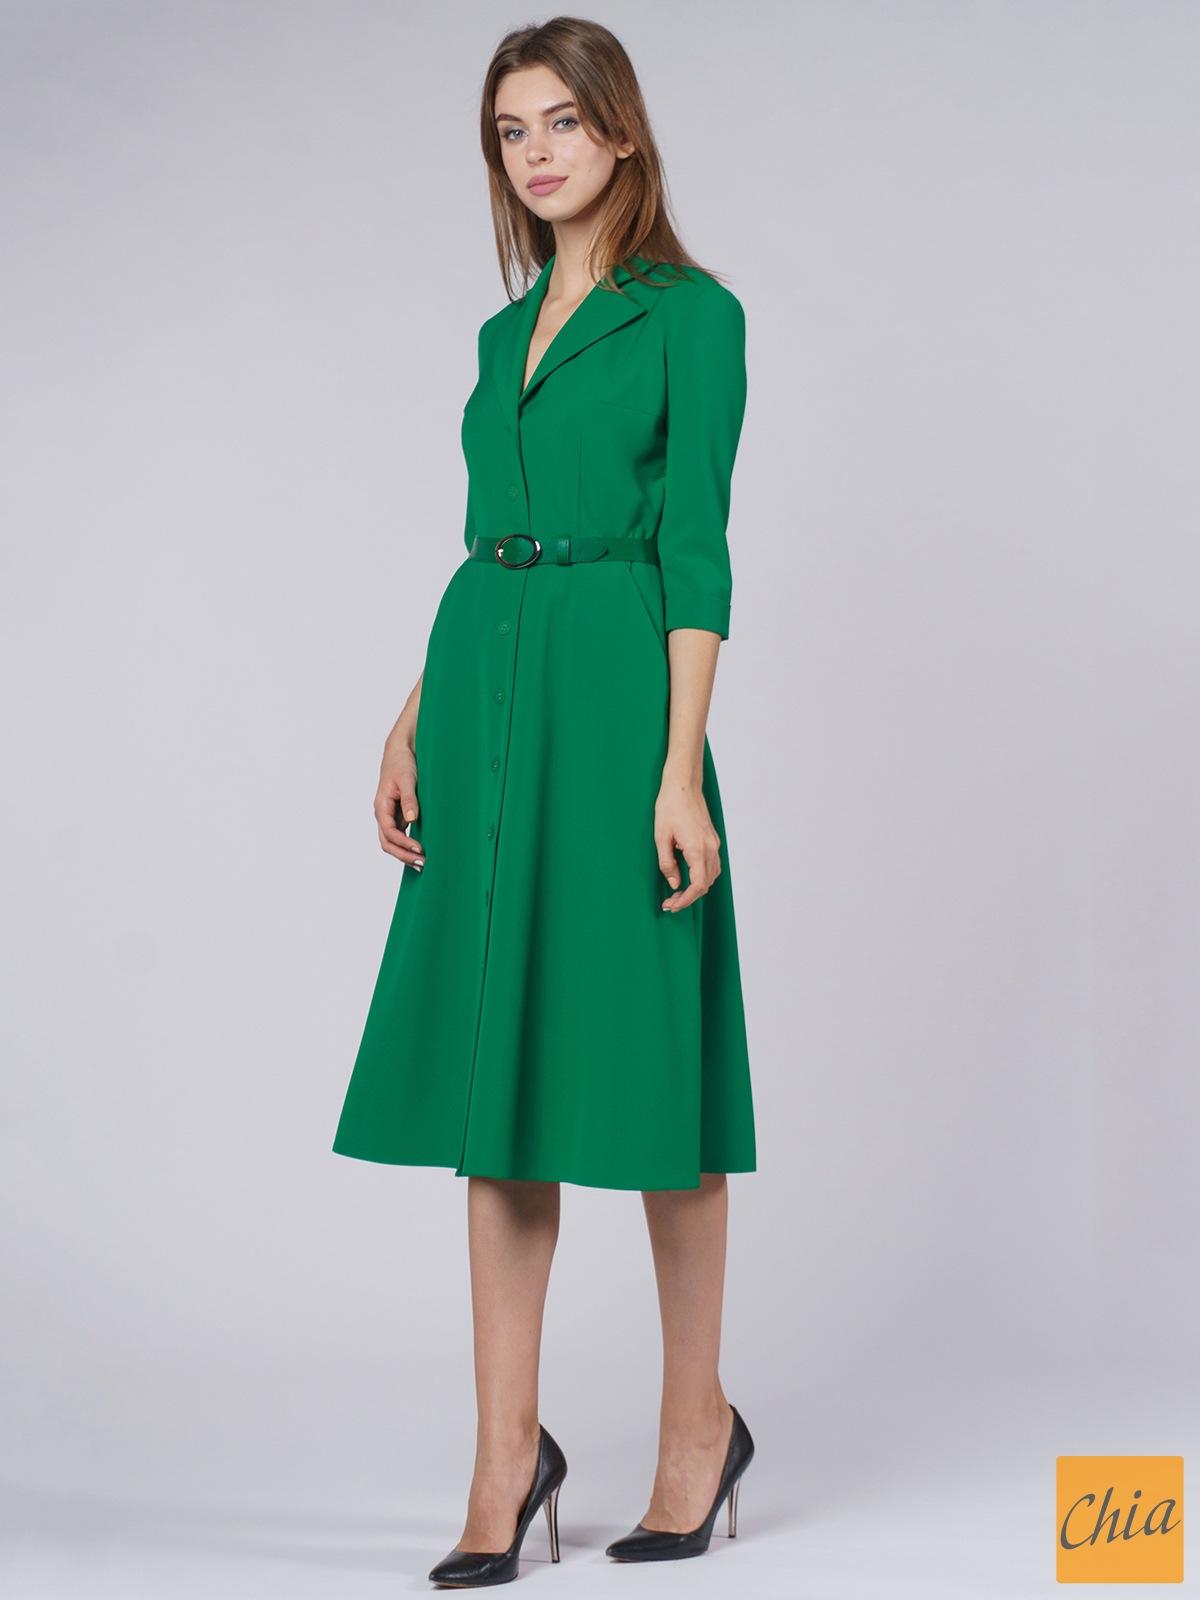 437b21bf721 Для повседневных образов незаменимы платья в светло-зеленых тонах